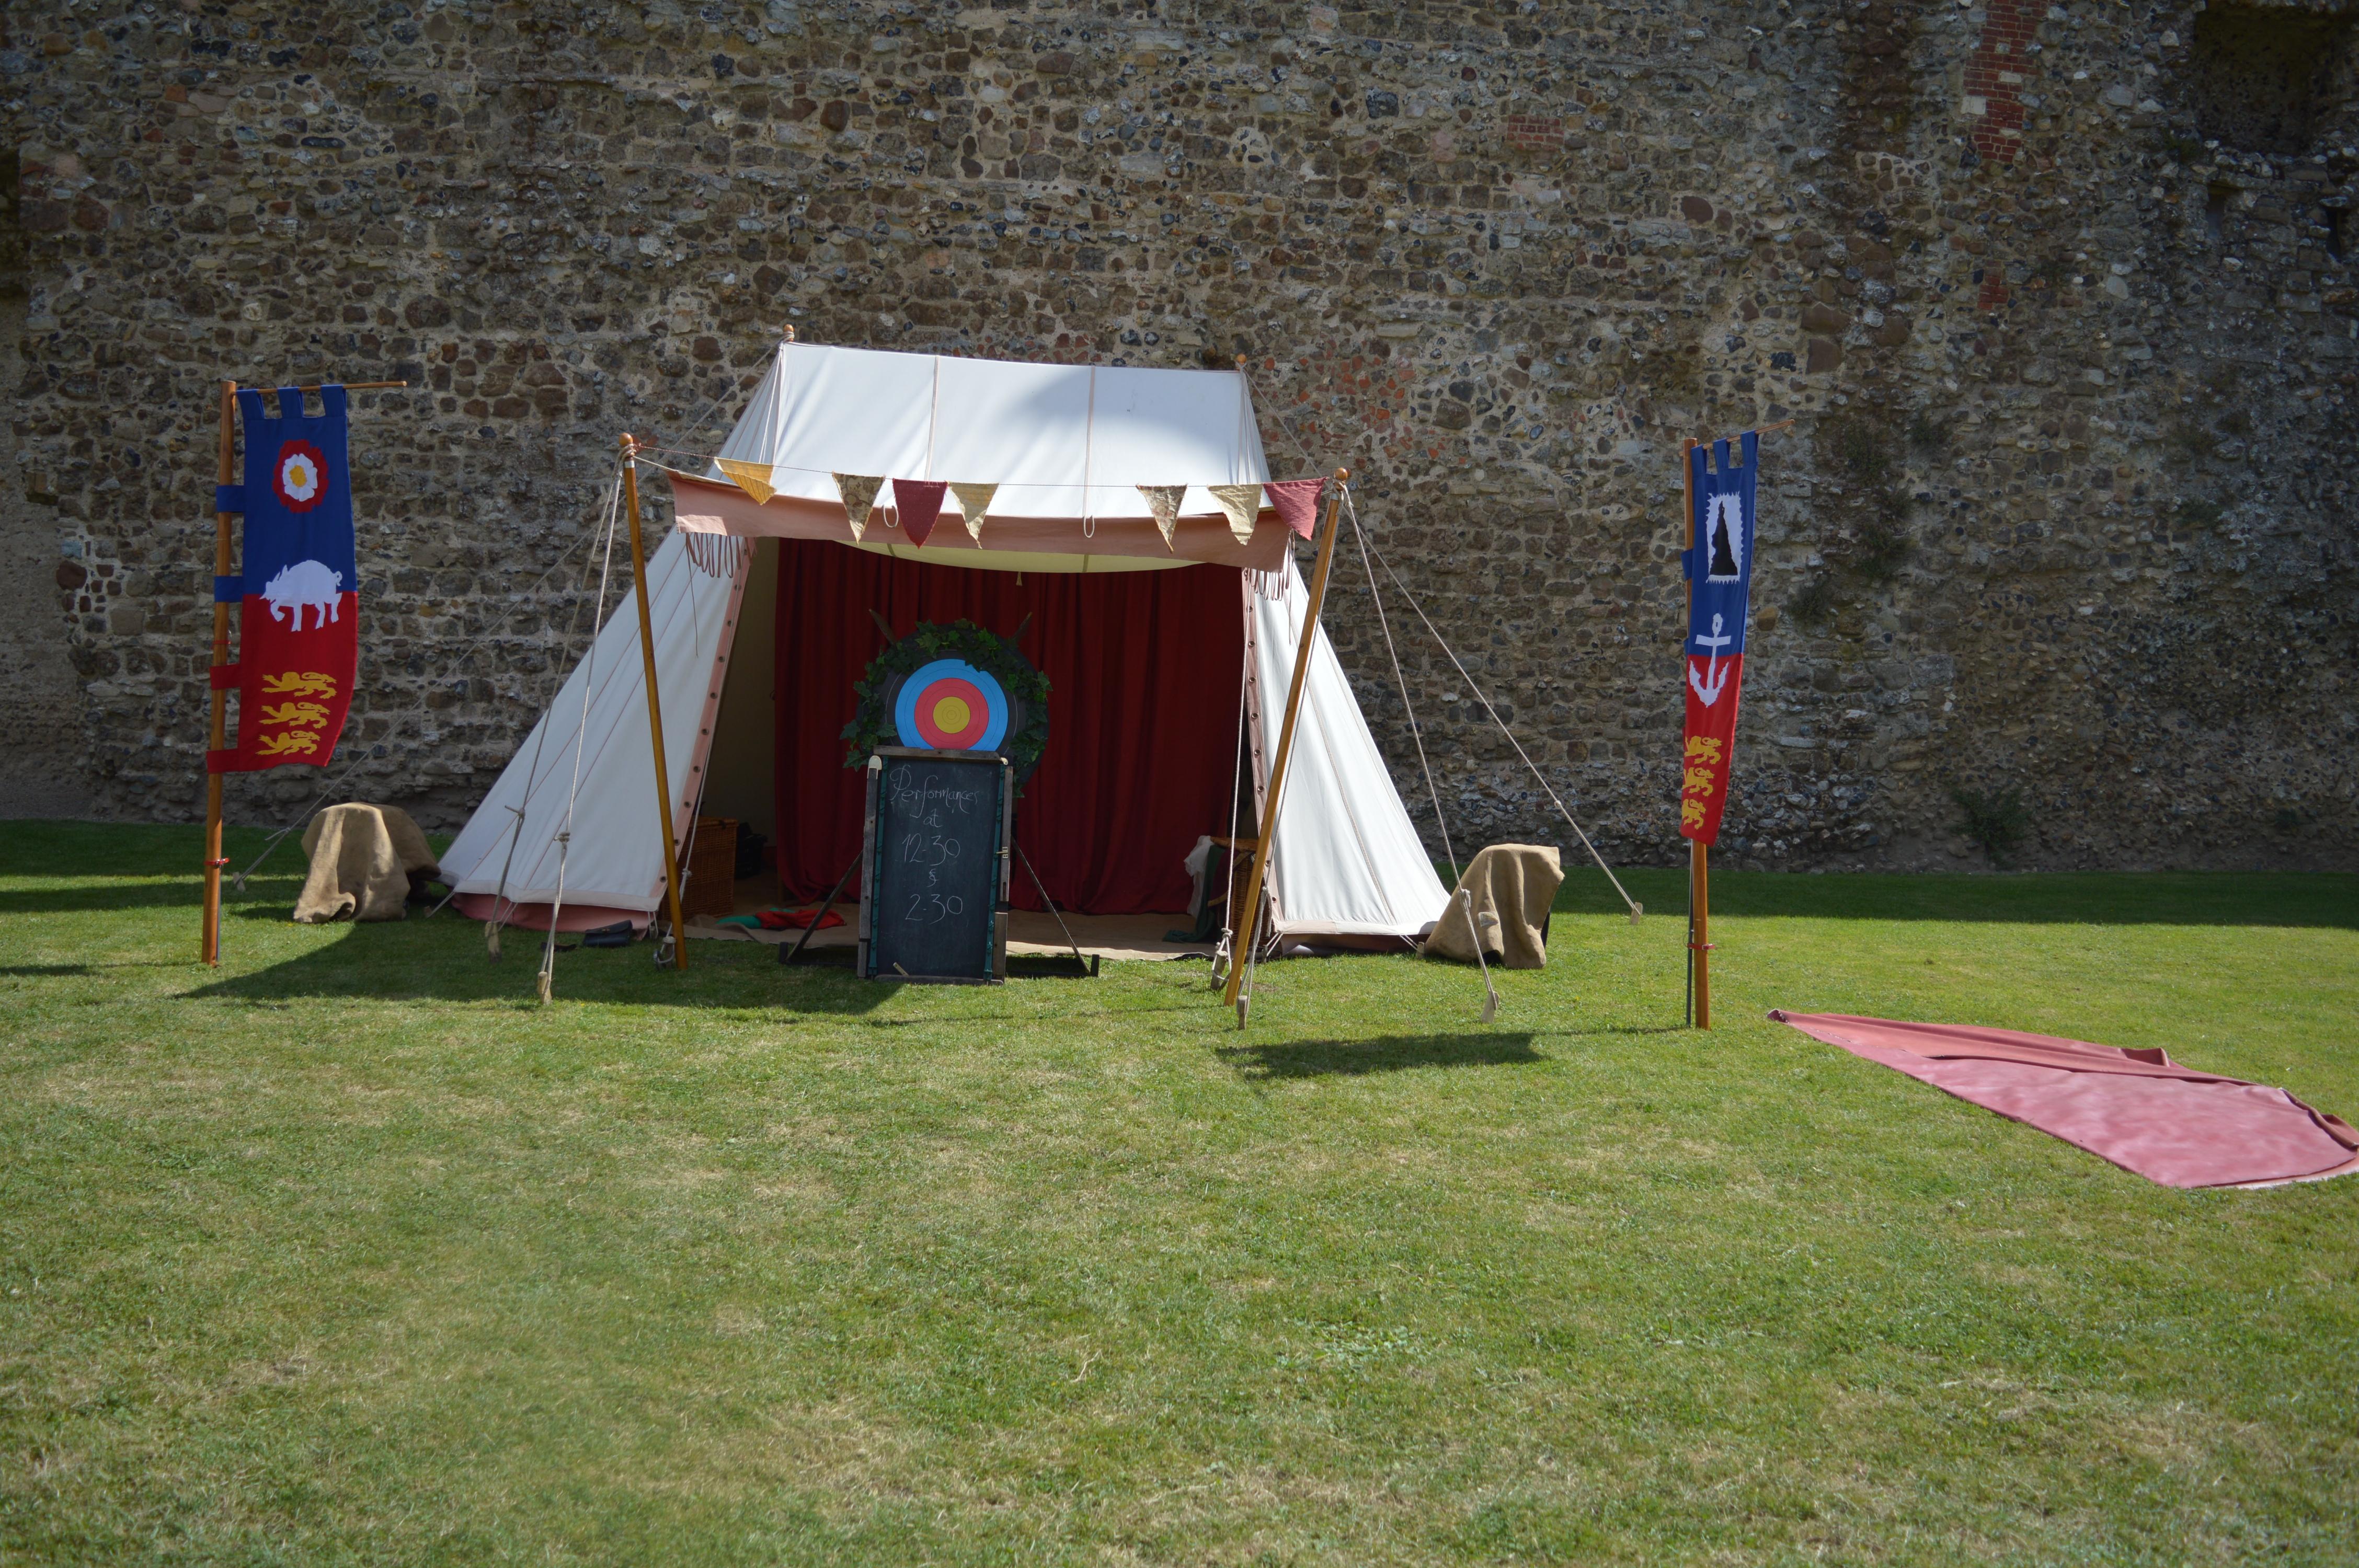 Framlingham Performance tent